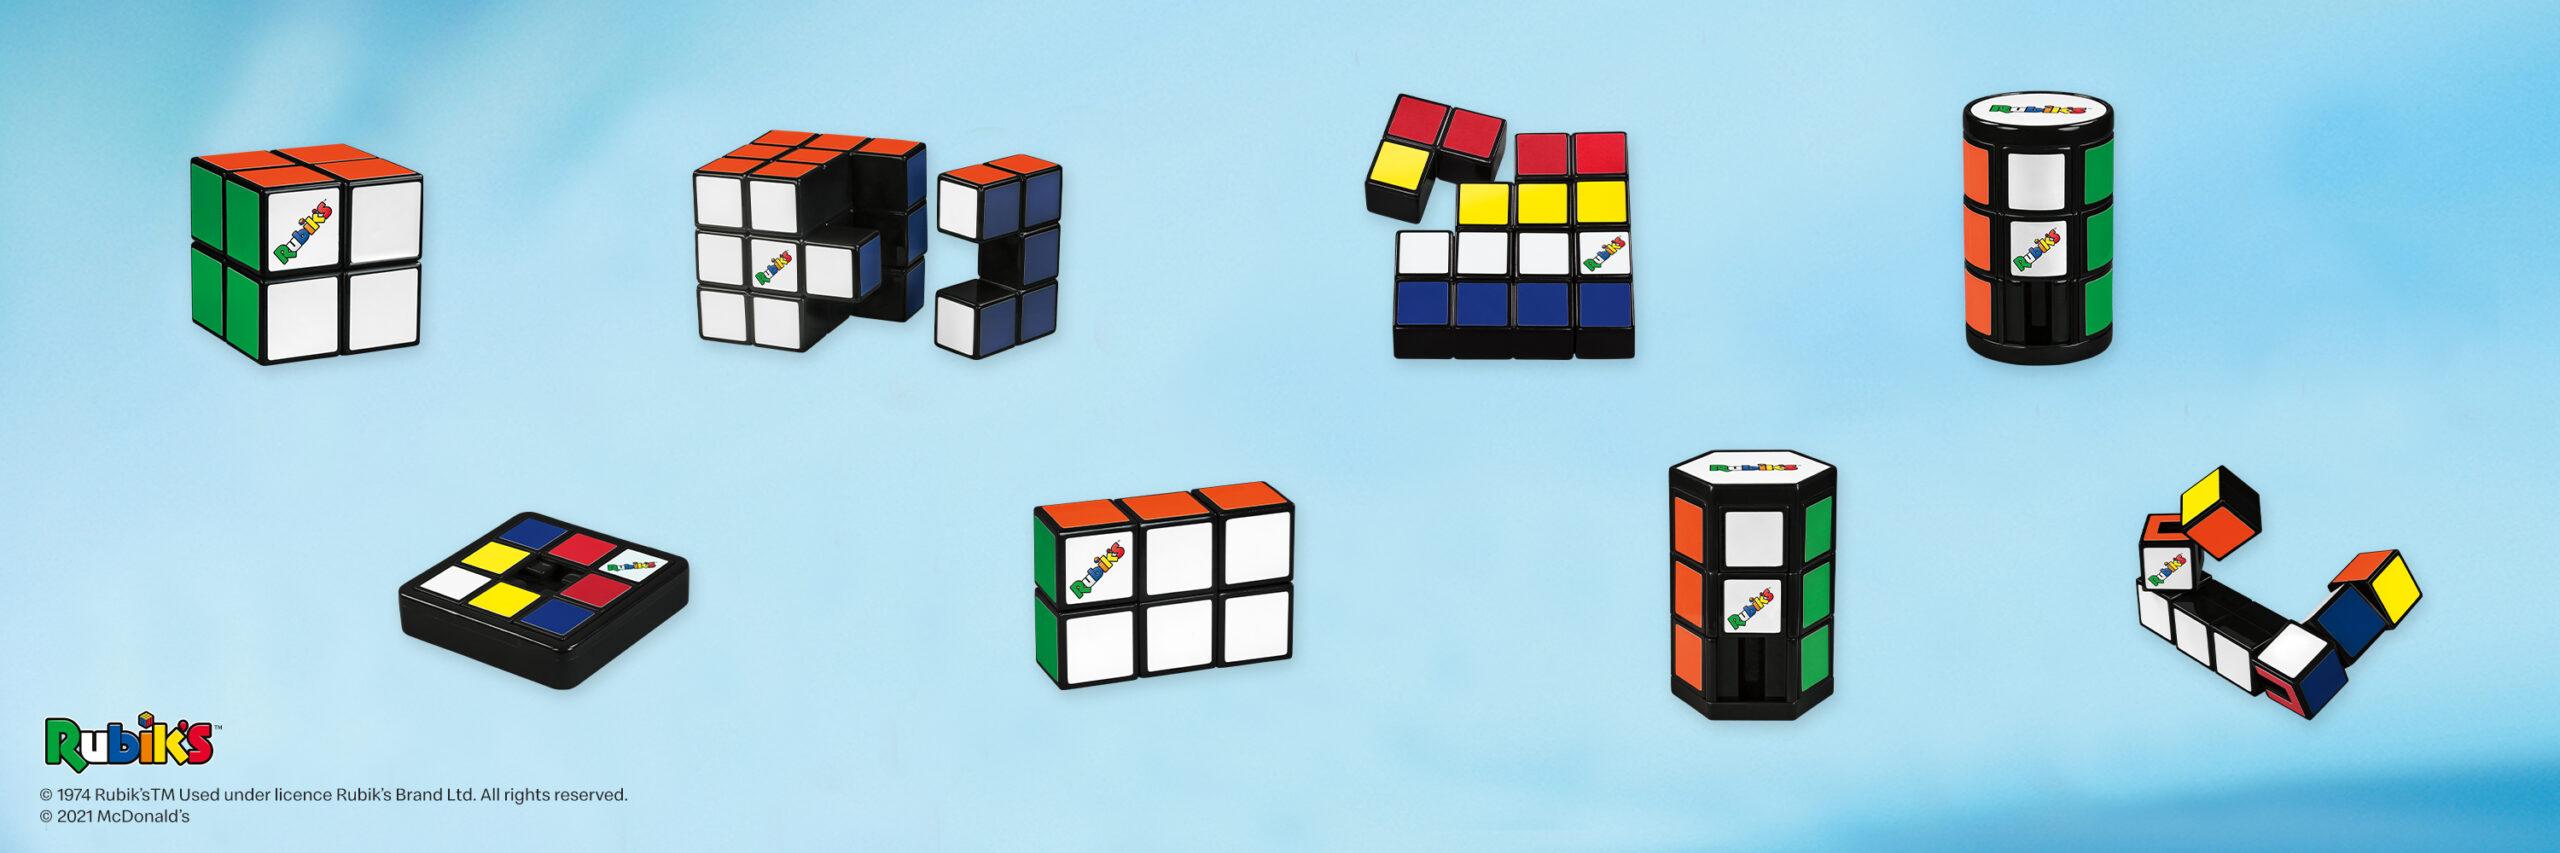 La Cajita Feliz le da la bienvenida a nuevos desafíos para toda la familia con los juguetes de Rubik's®